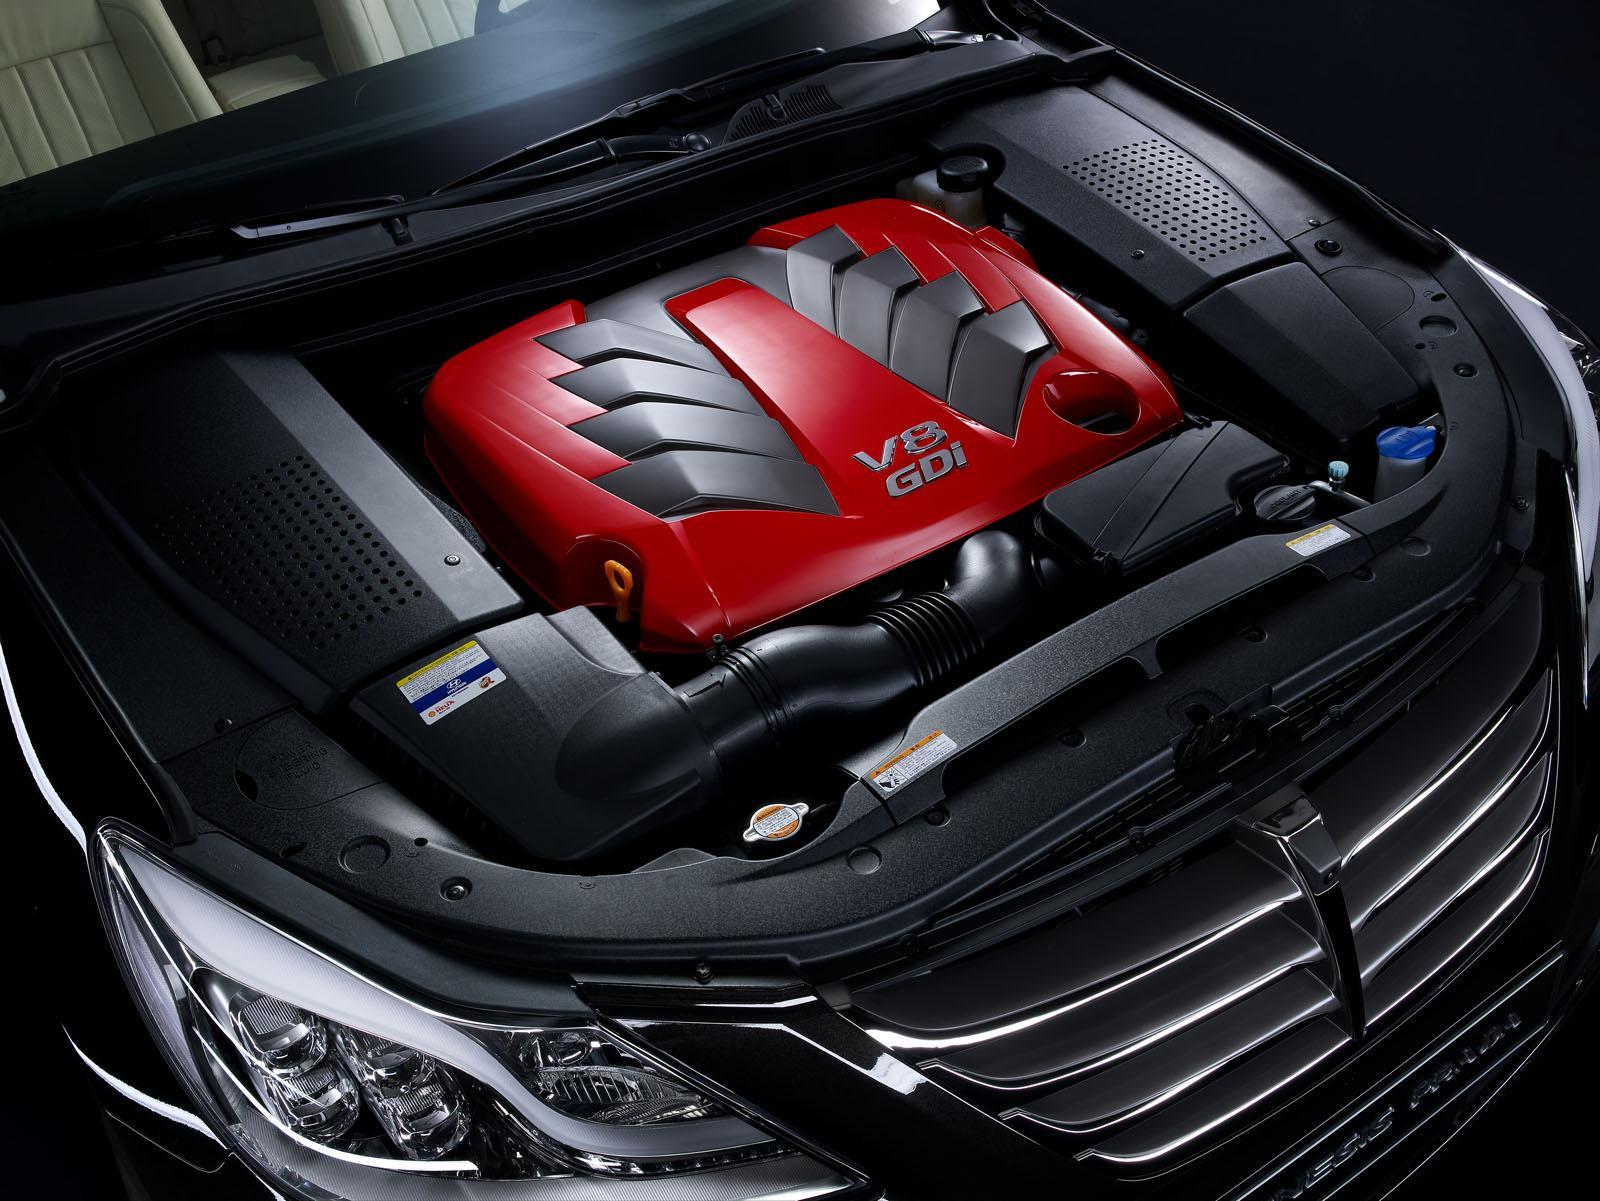 Hyundai Genesis Price >> 2012 Hyundai Genesis Prada